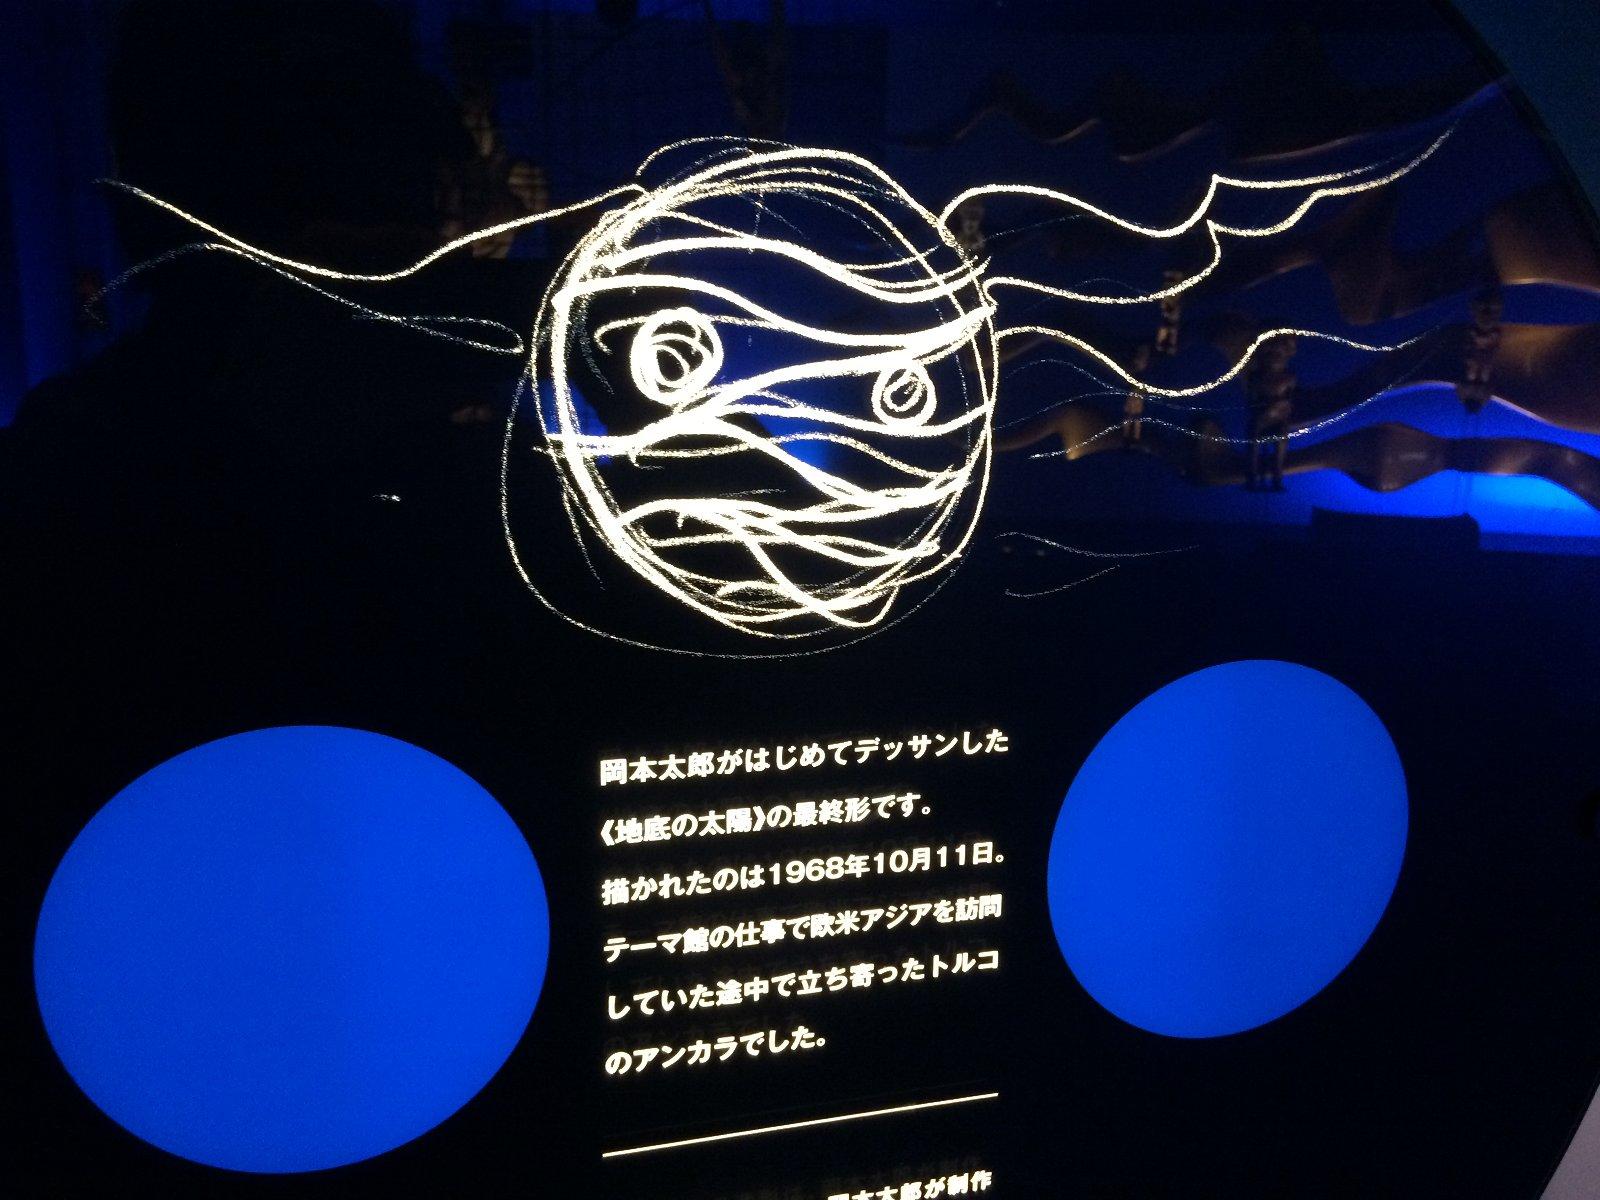 20181220_06 太陽の塔 岡本太郎オリジナルデザイン